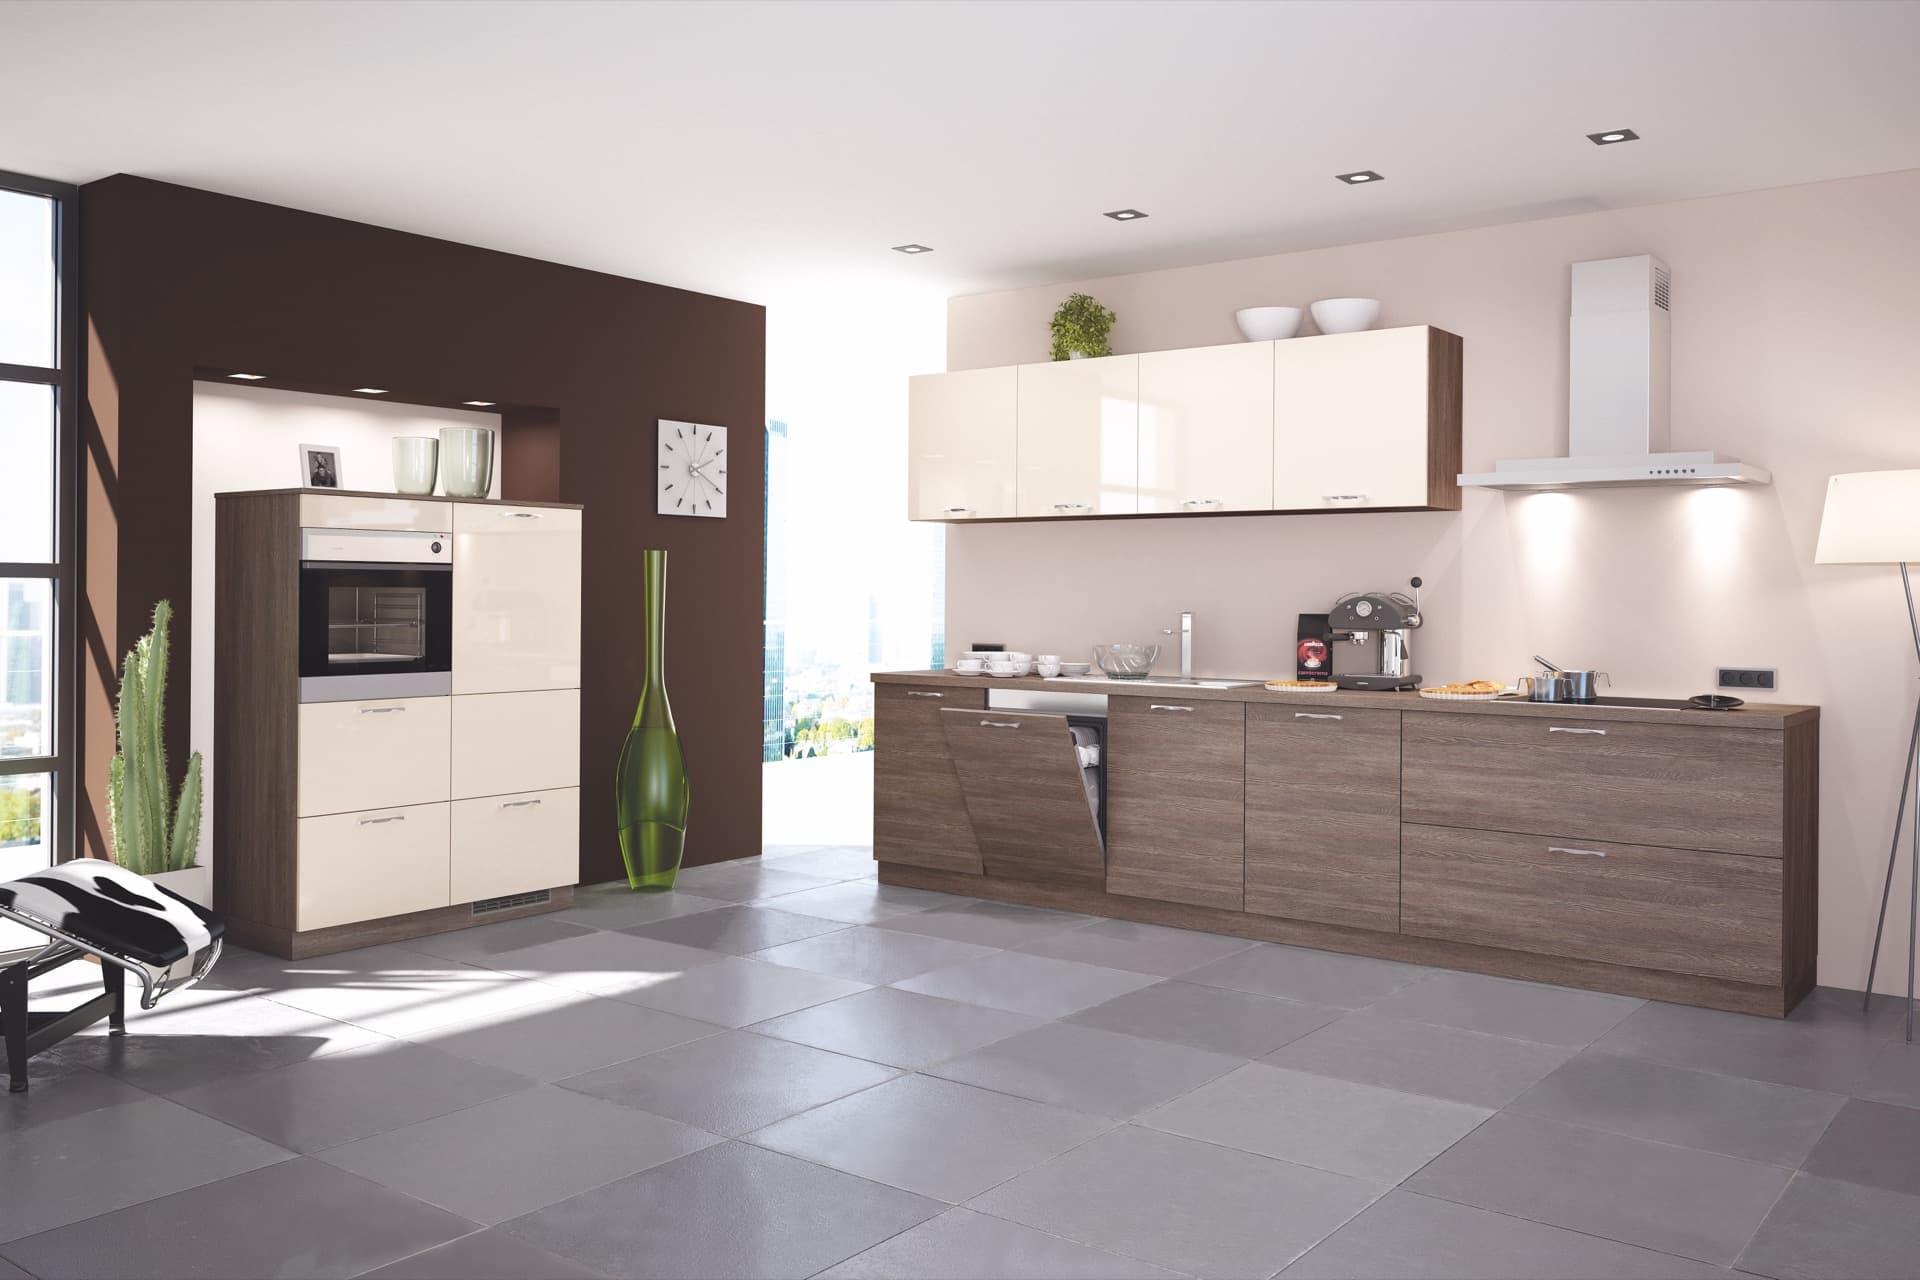 Moderne kuchen kuchenstudio wangen im allgau for Küchenprospekt